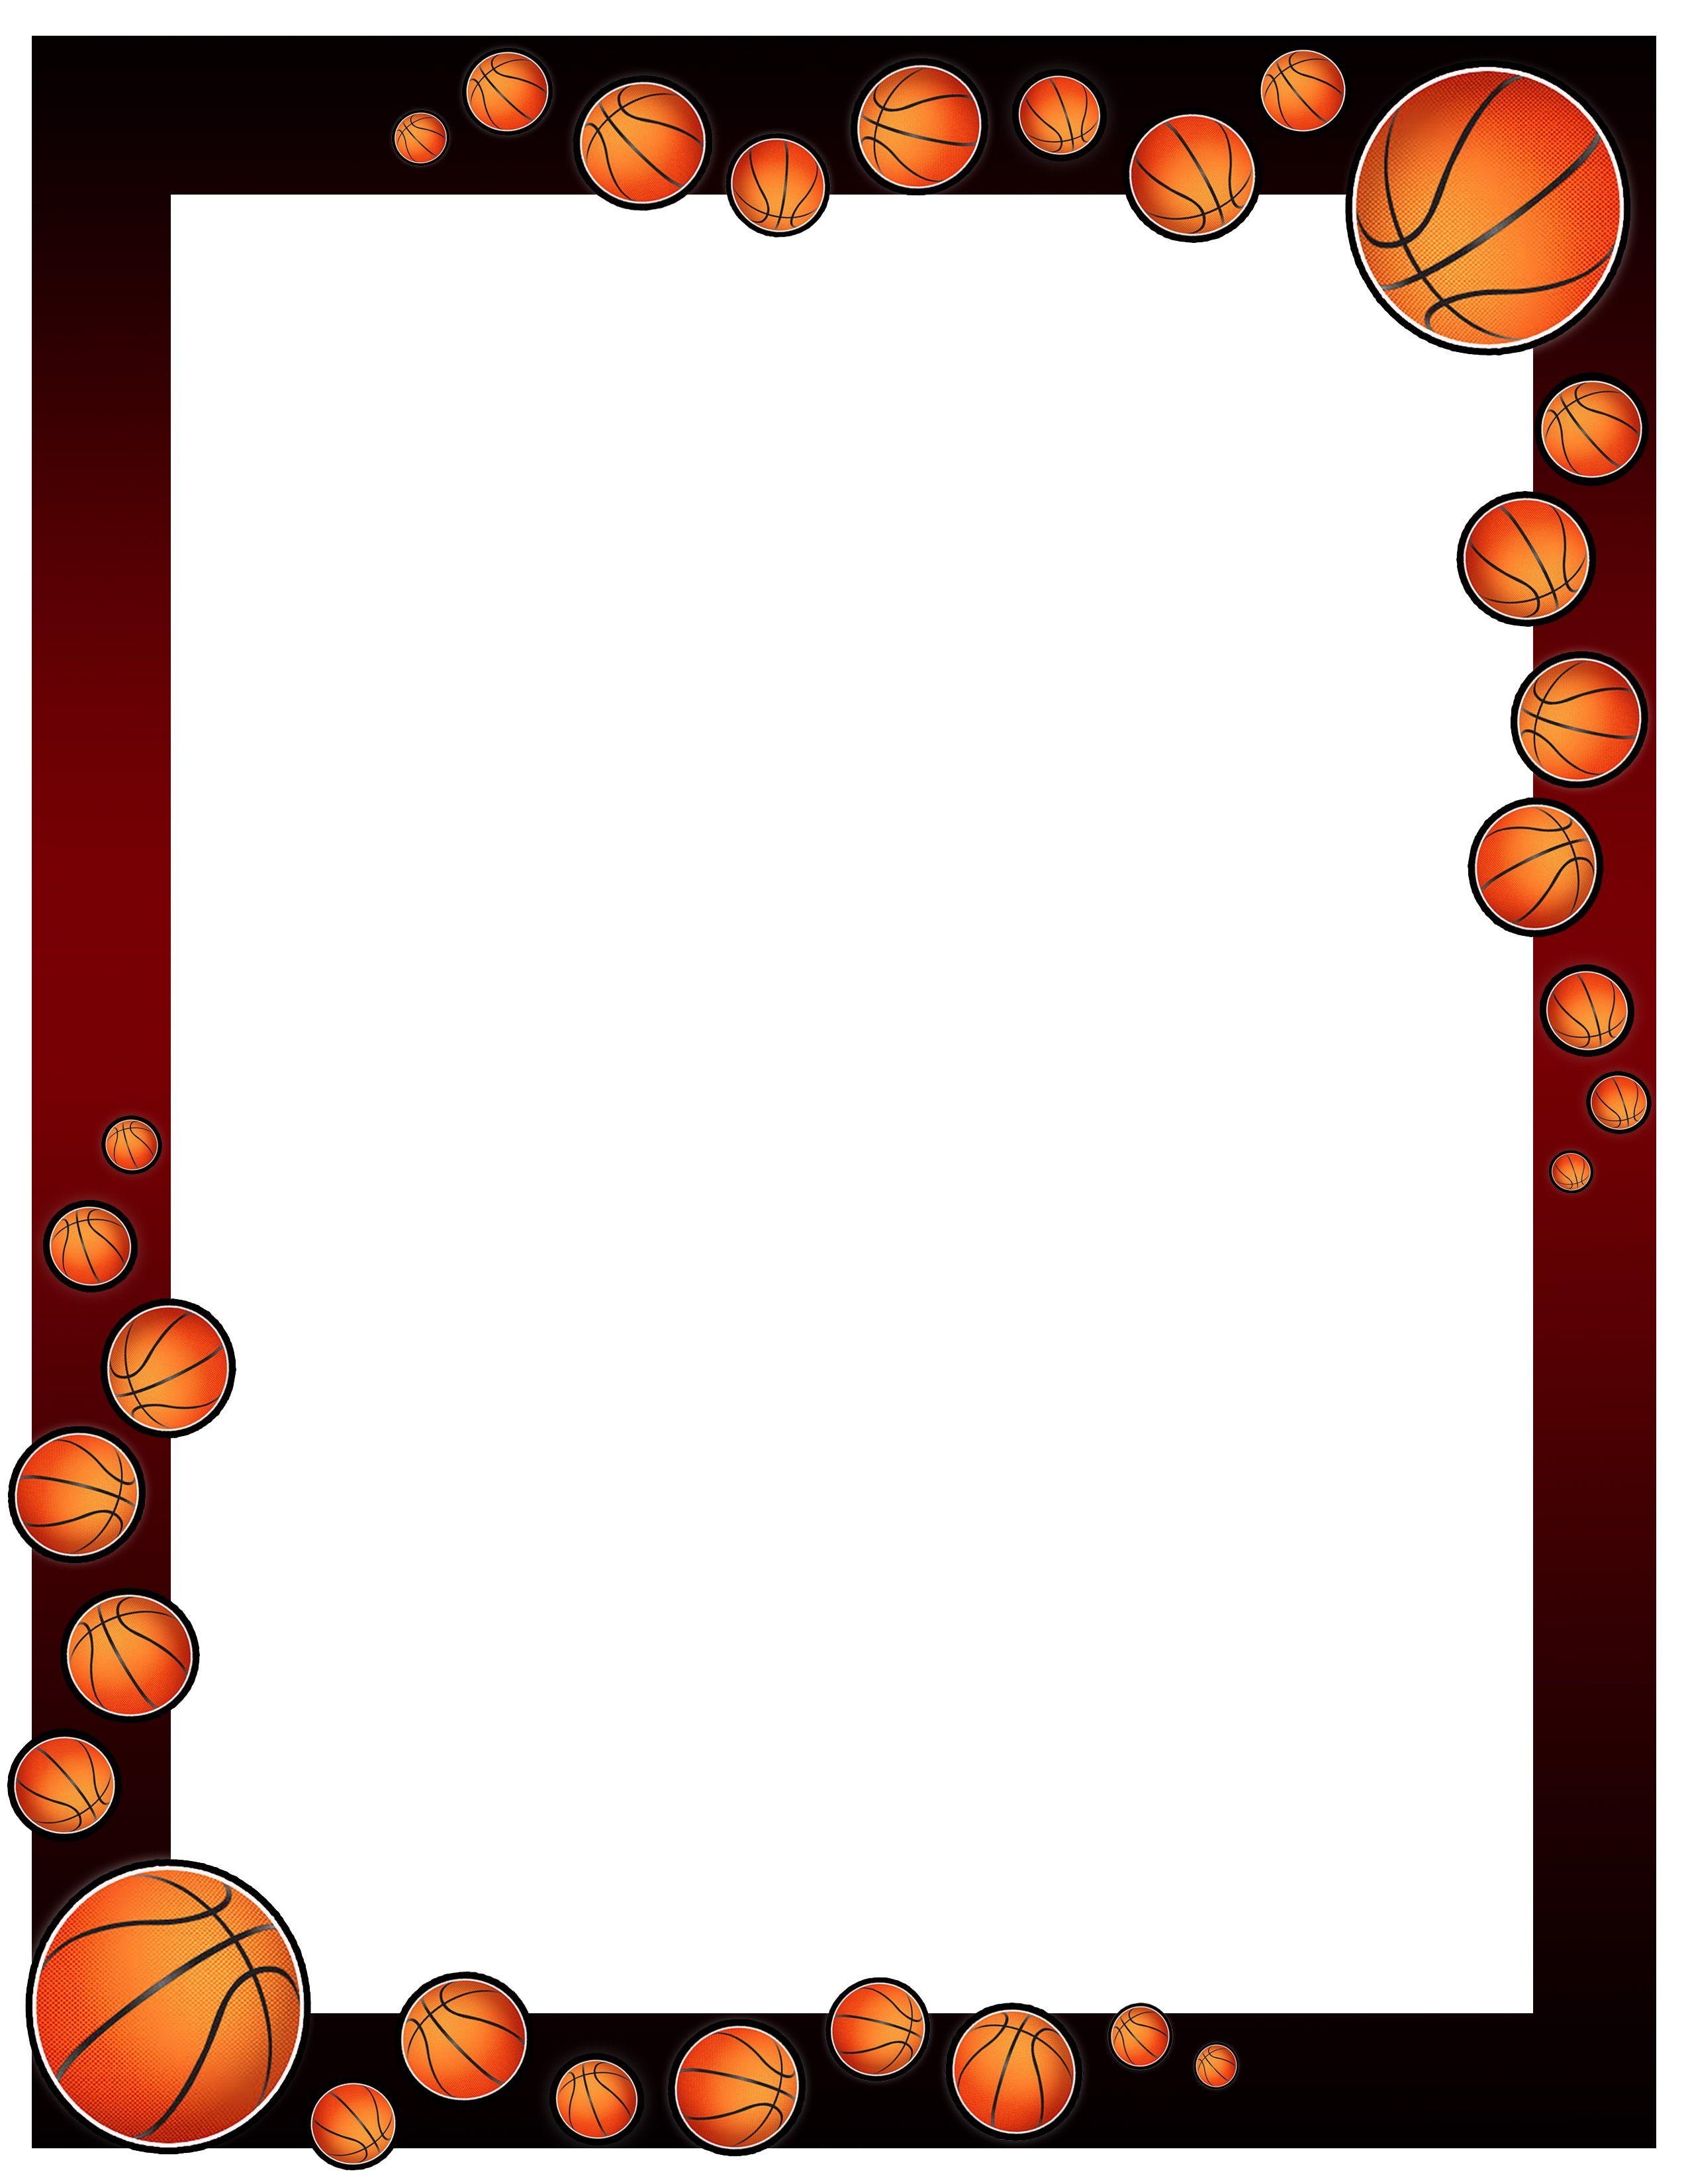 Basketball Border Design 001 Basketball Theme Border Design Basketball Birthday Parties Basketball border for microsoft word